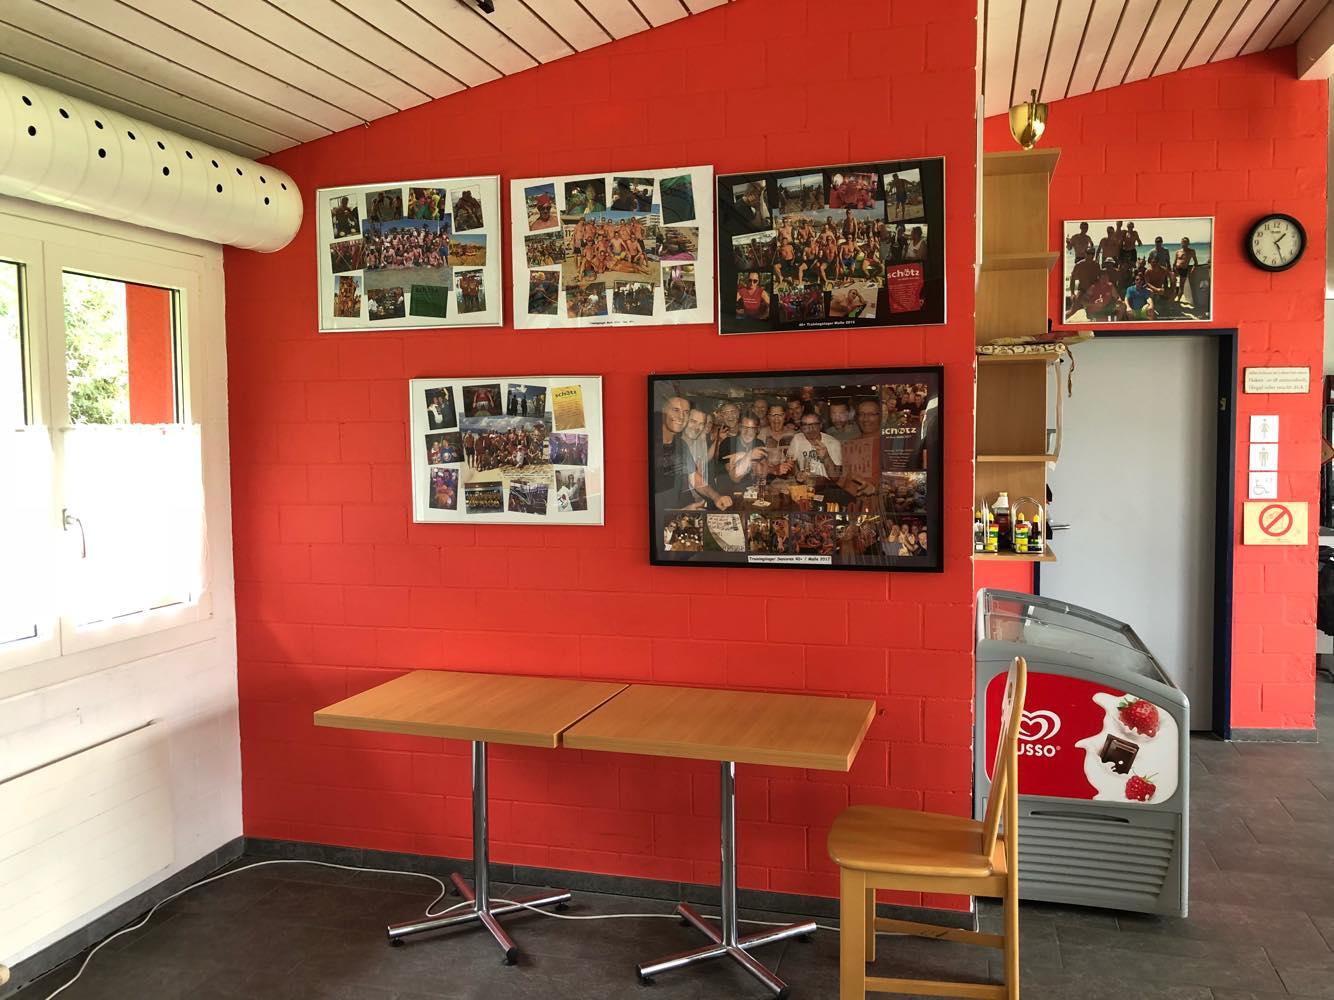 Noch heute zieren Mannschaftsspieler vergangener Tage die Wände. Thomas Häberli (Ex-BSC Young Boys) und Burim Kukeli (Ex-FCL-Mittelfeldregisseur) schnürten hier einst ihre Fussballschuhe.